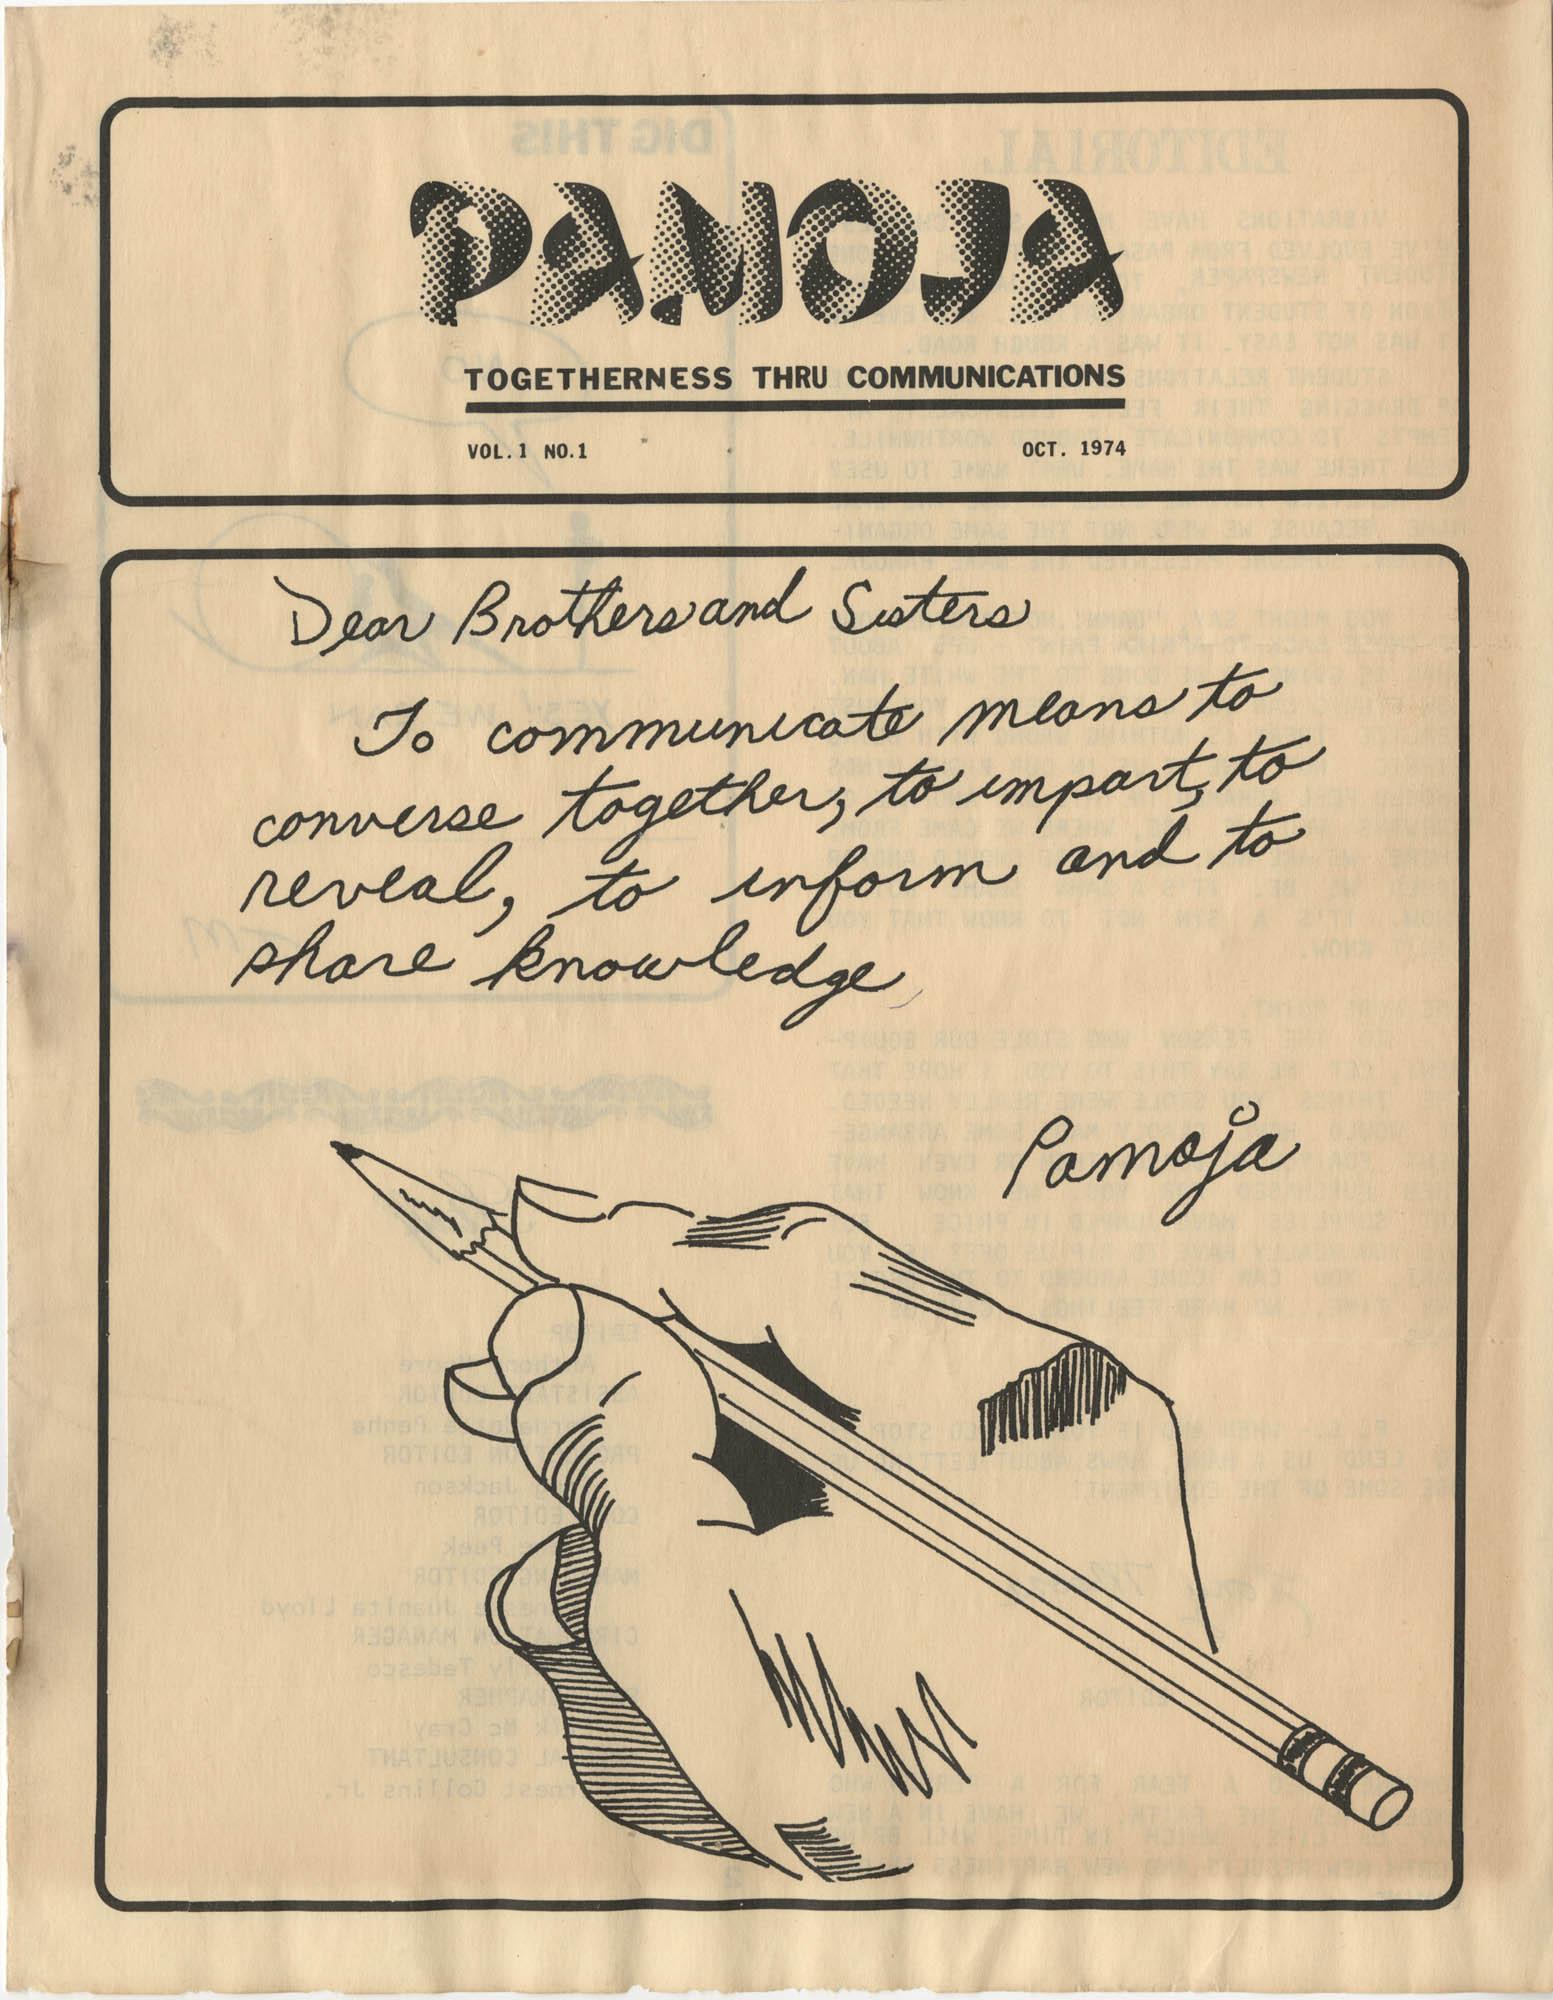 Pamoja, Vol. 1, No. 1, Page 1